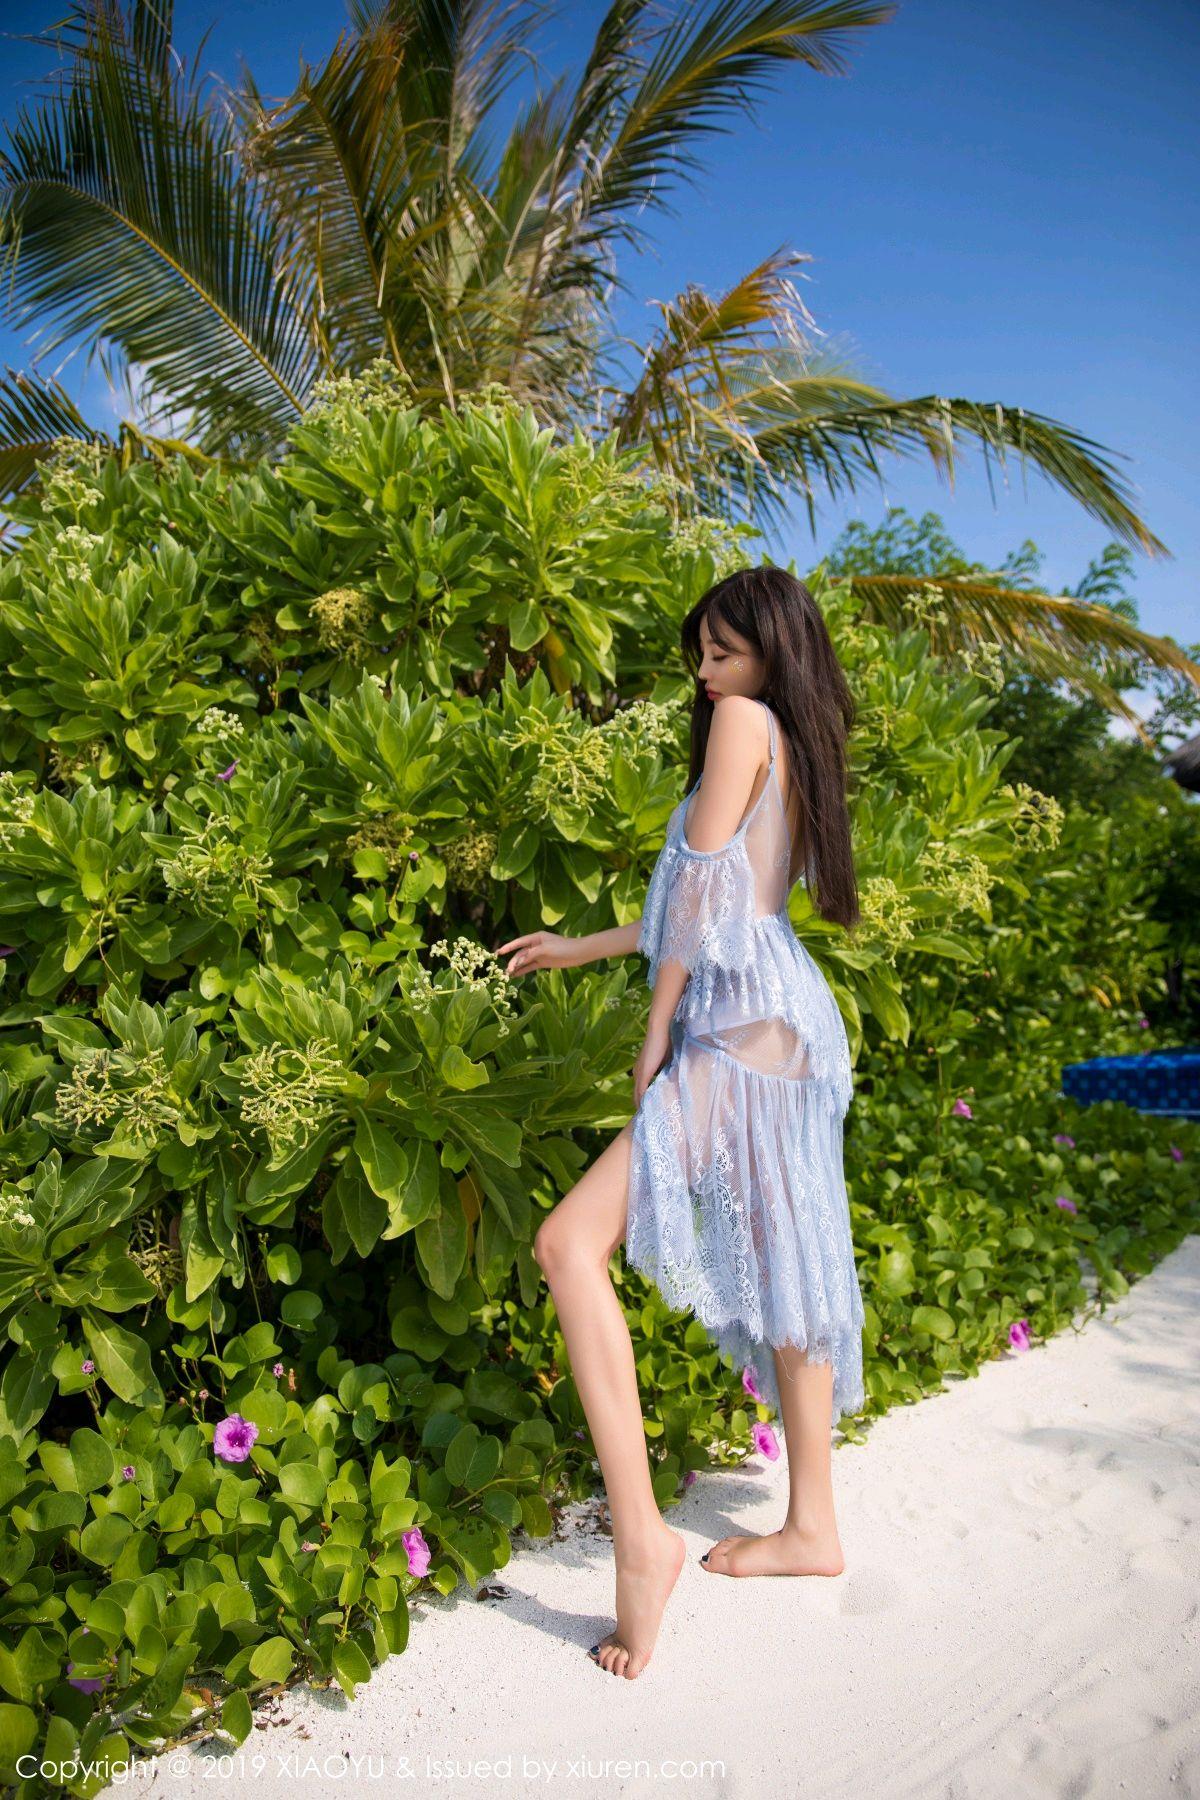 [XiaoYu] Vol.067 Yang Chen Chen 46P, Beach, Underwear, XiaoYu, Yang Chen Chen